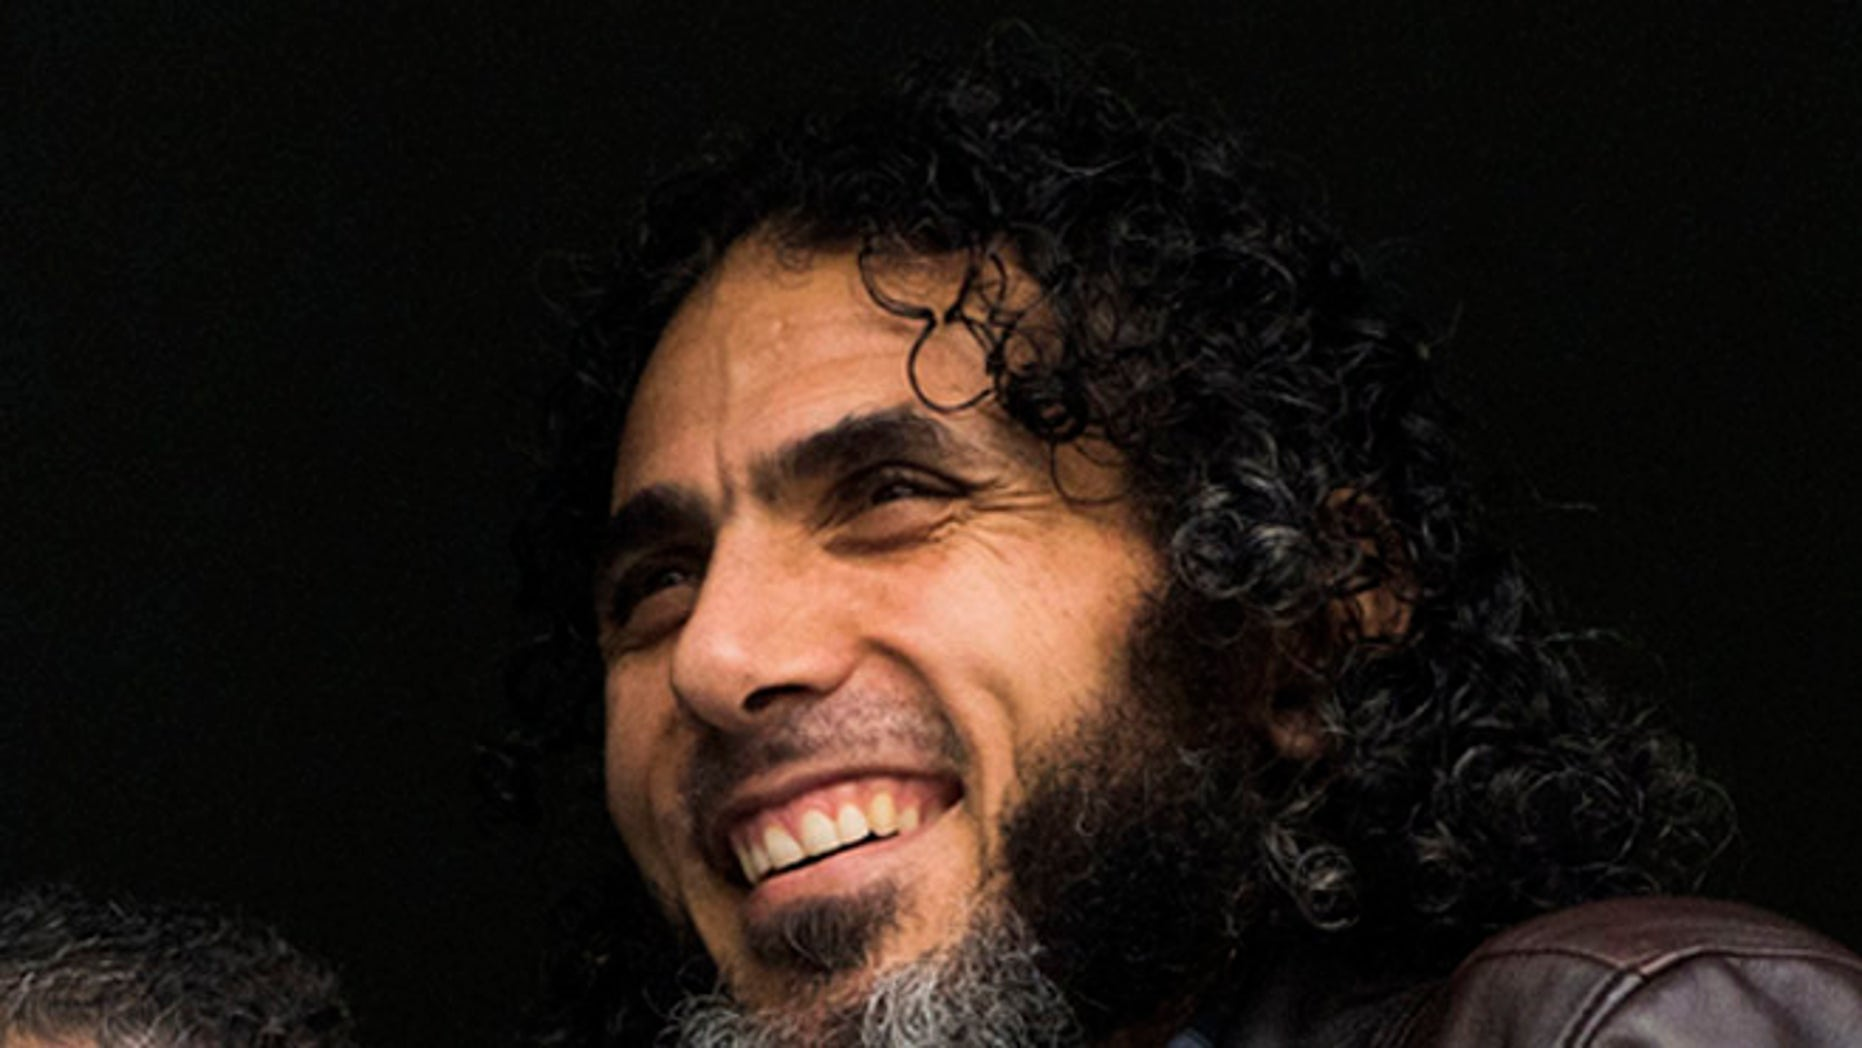 Former Guantanamo prisoner, Abu Wa'el Dhiab, from Syria.